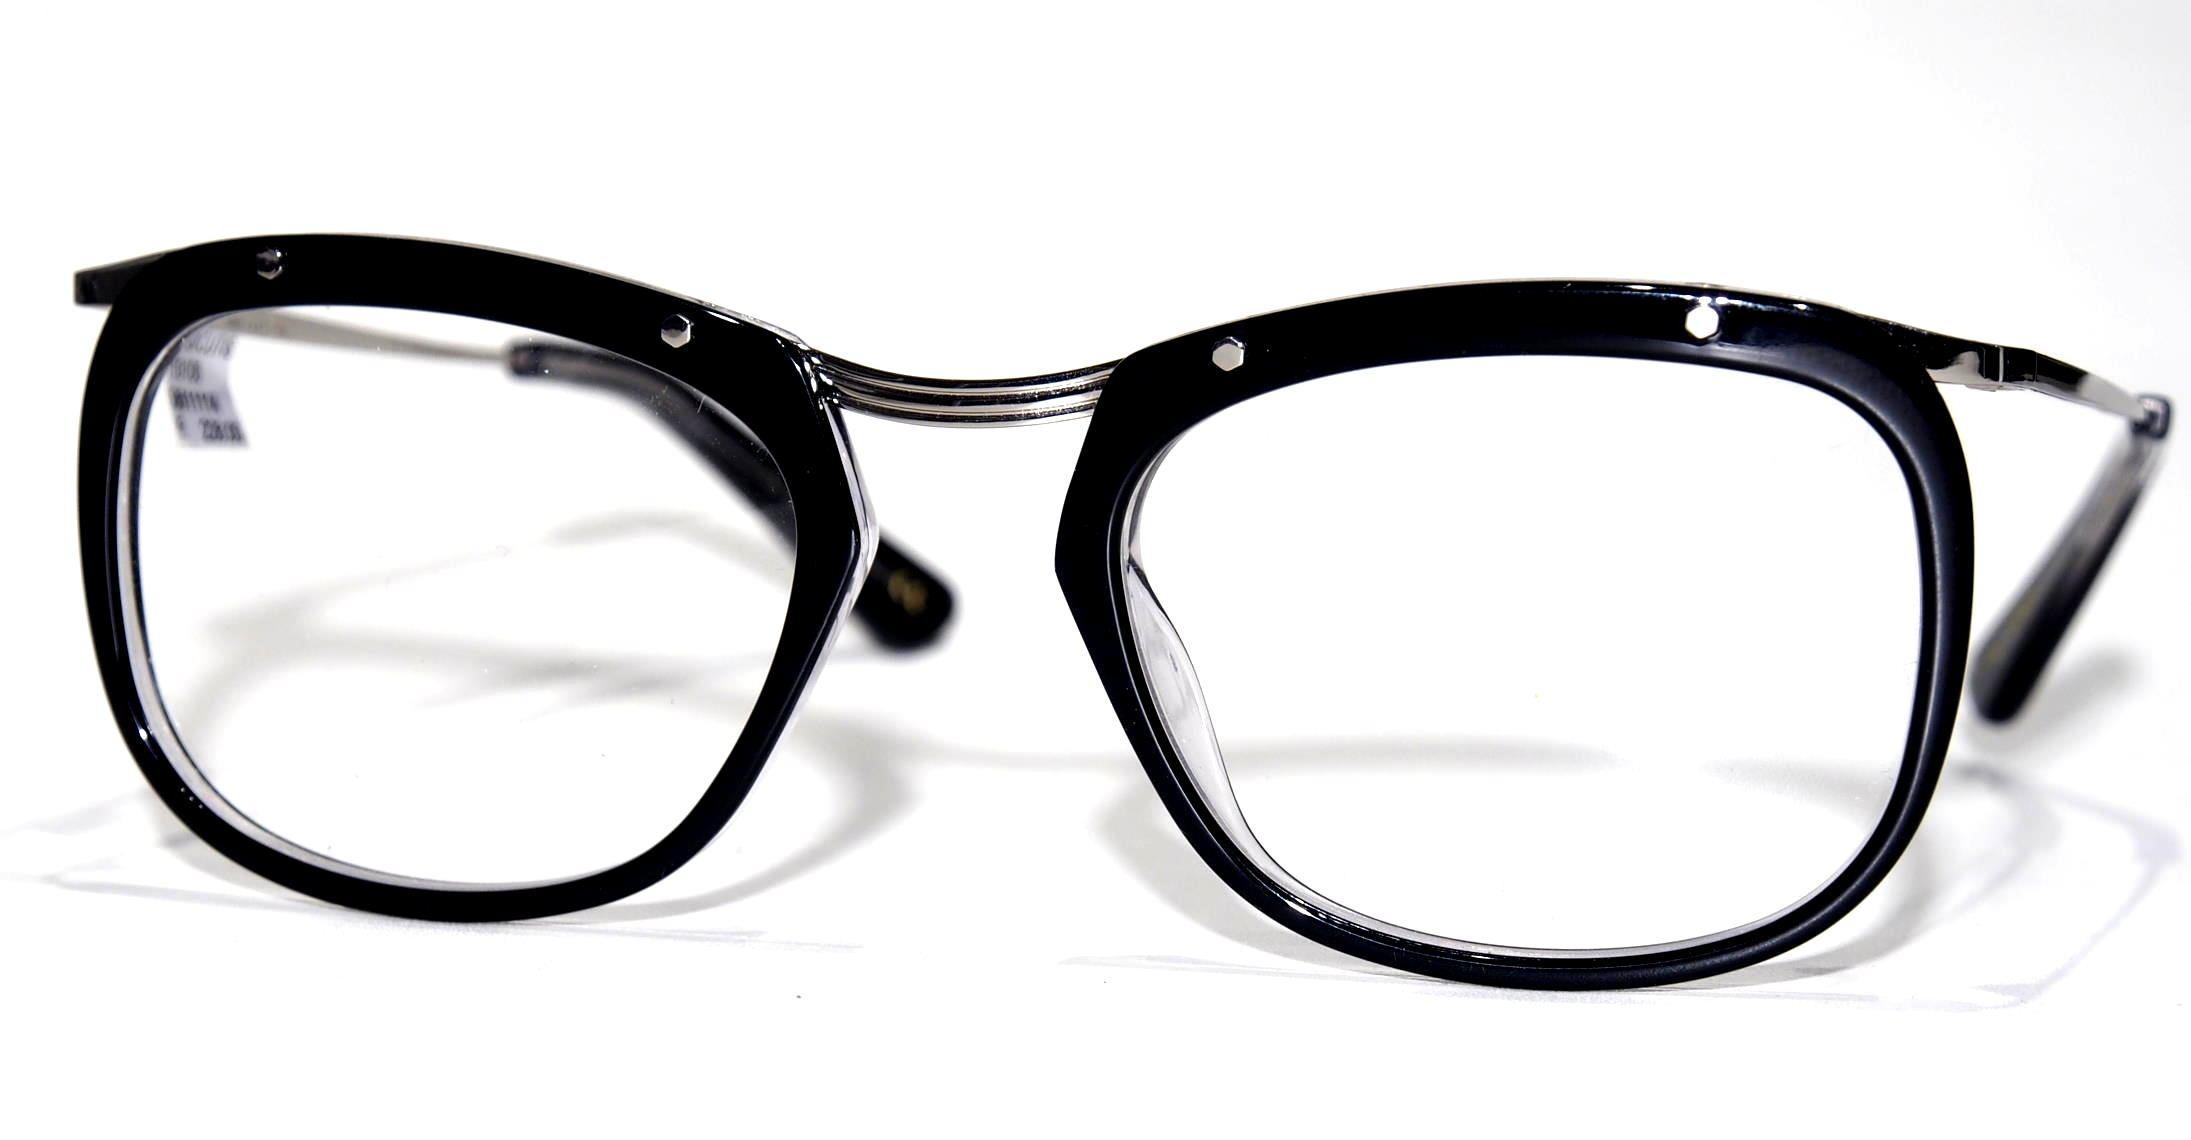 Lesca Lunettes, Lesca eyewear, Cutis M. c.20031 Brille